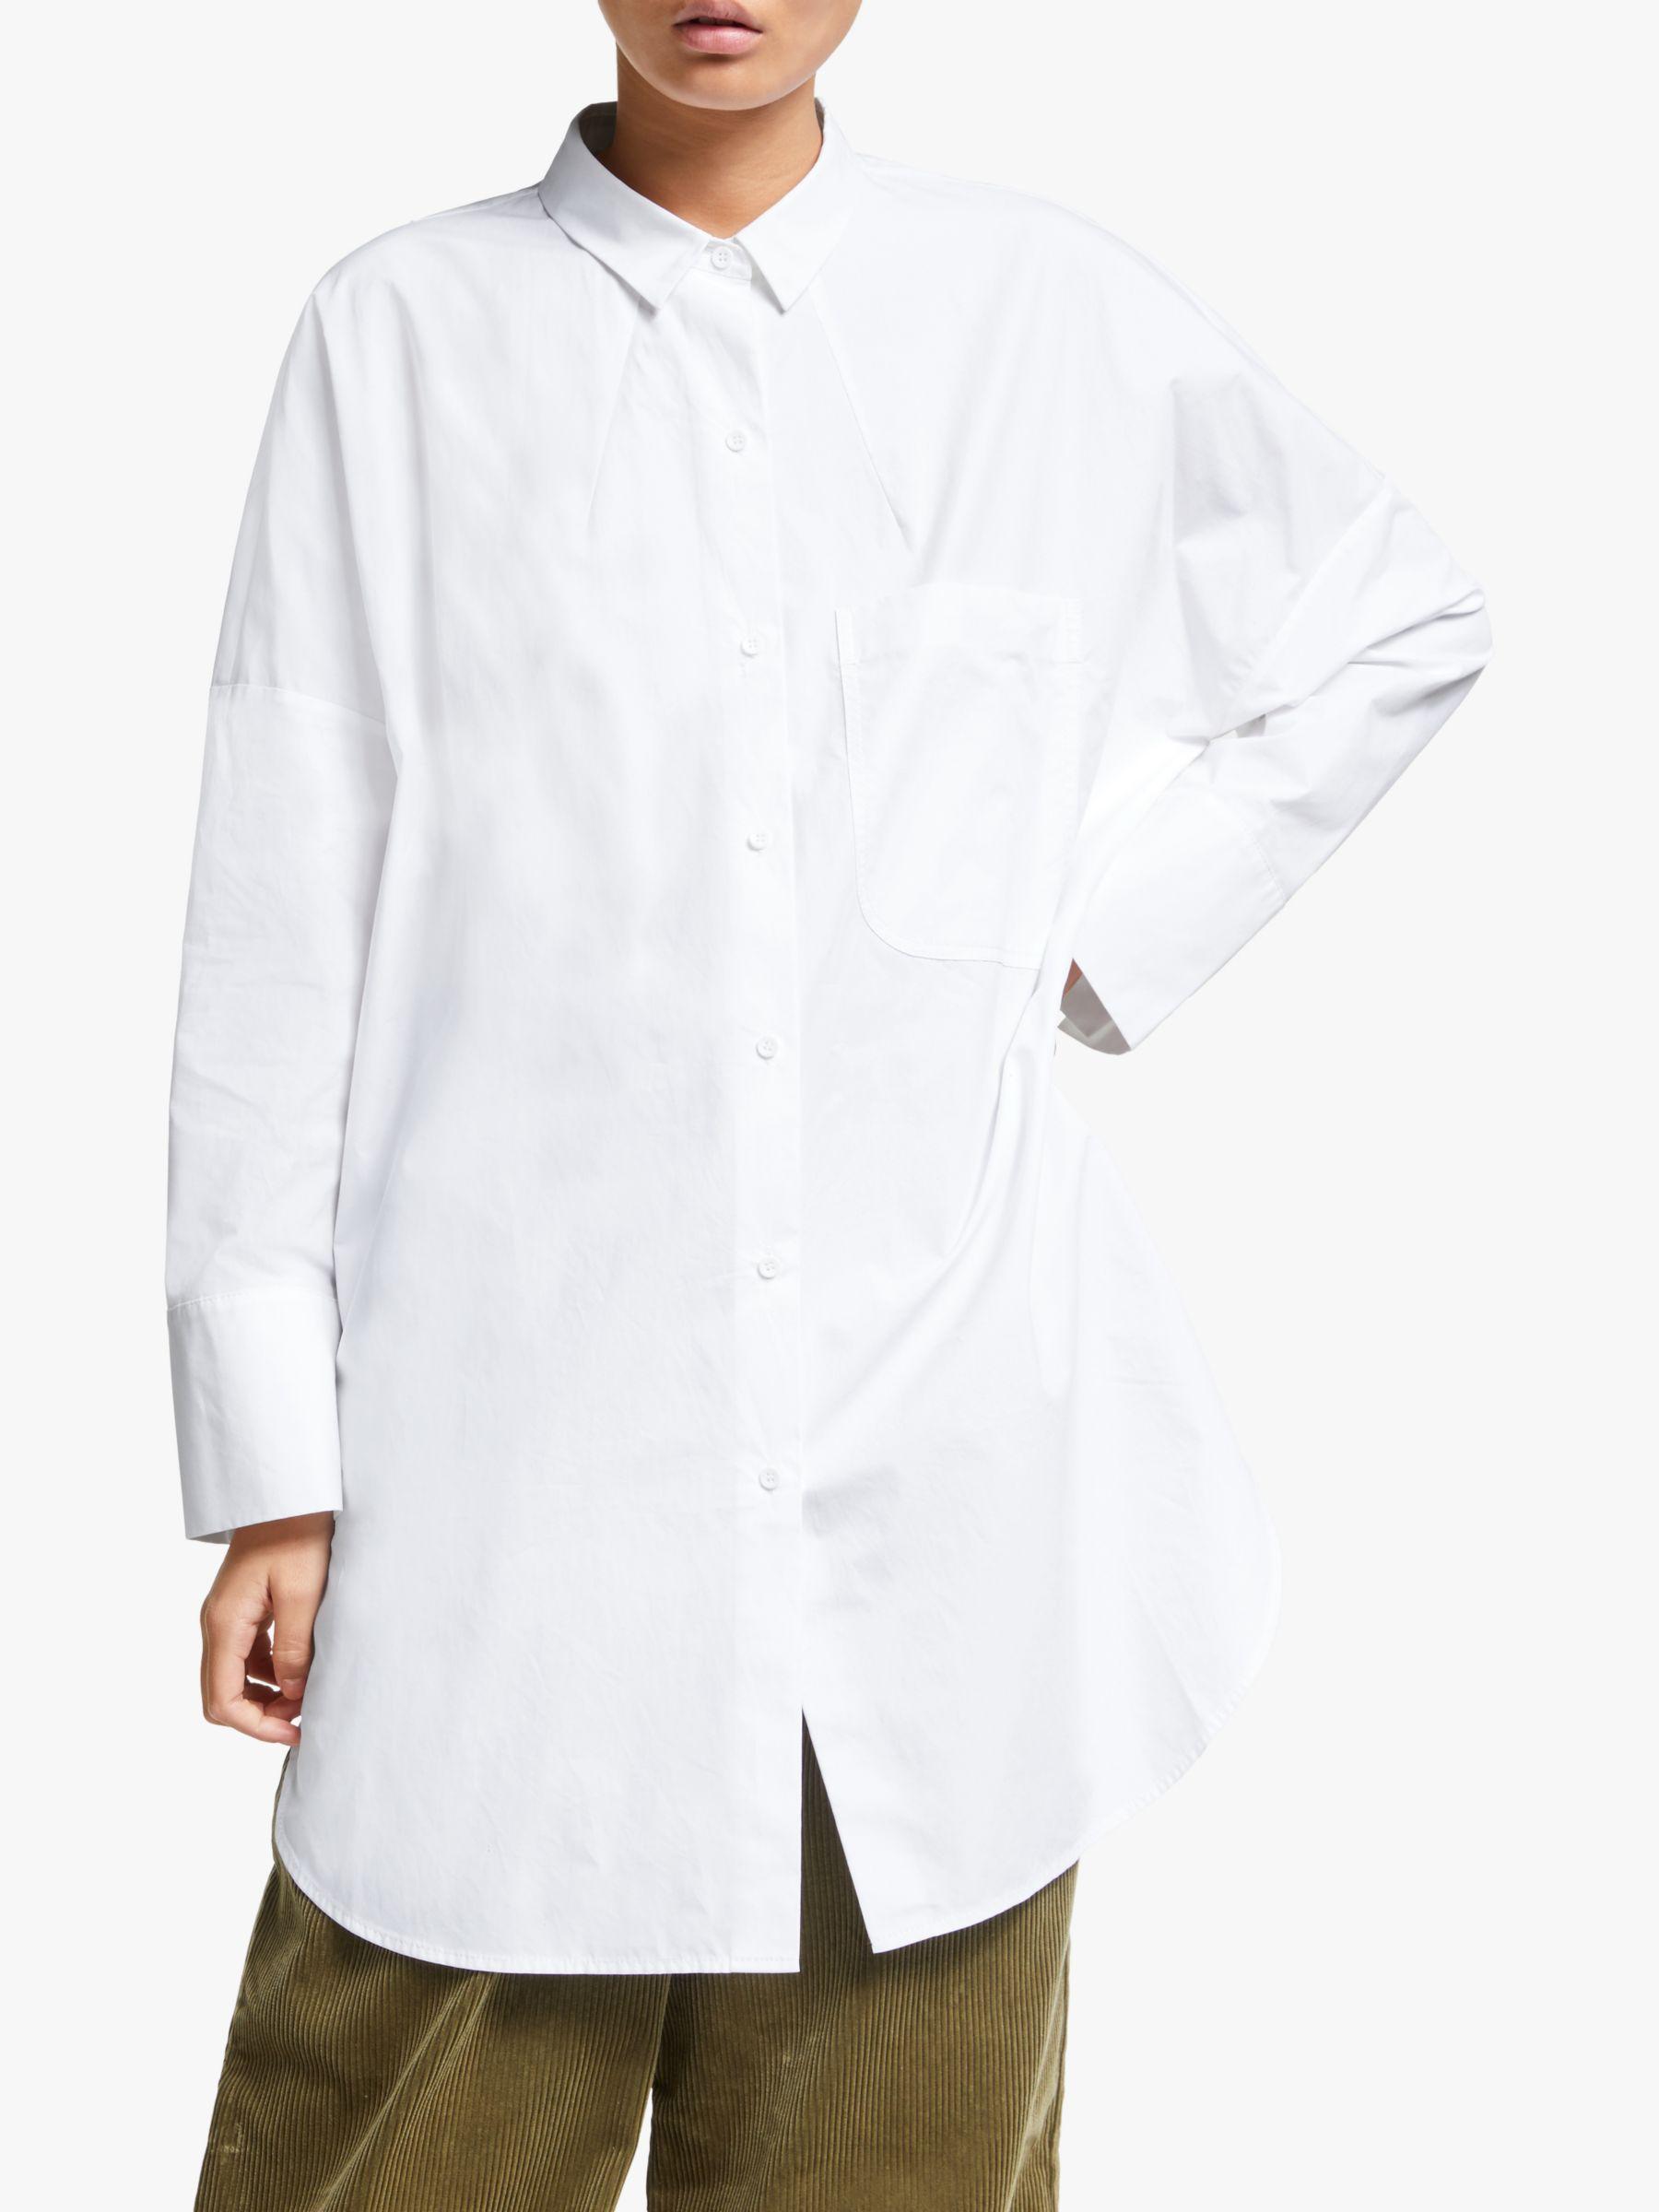 Kin Kin Oversized Shirt, White